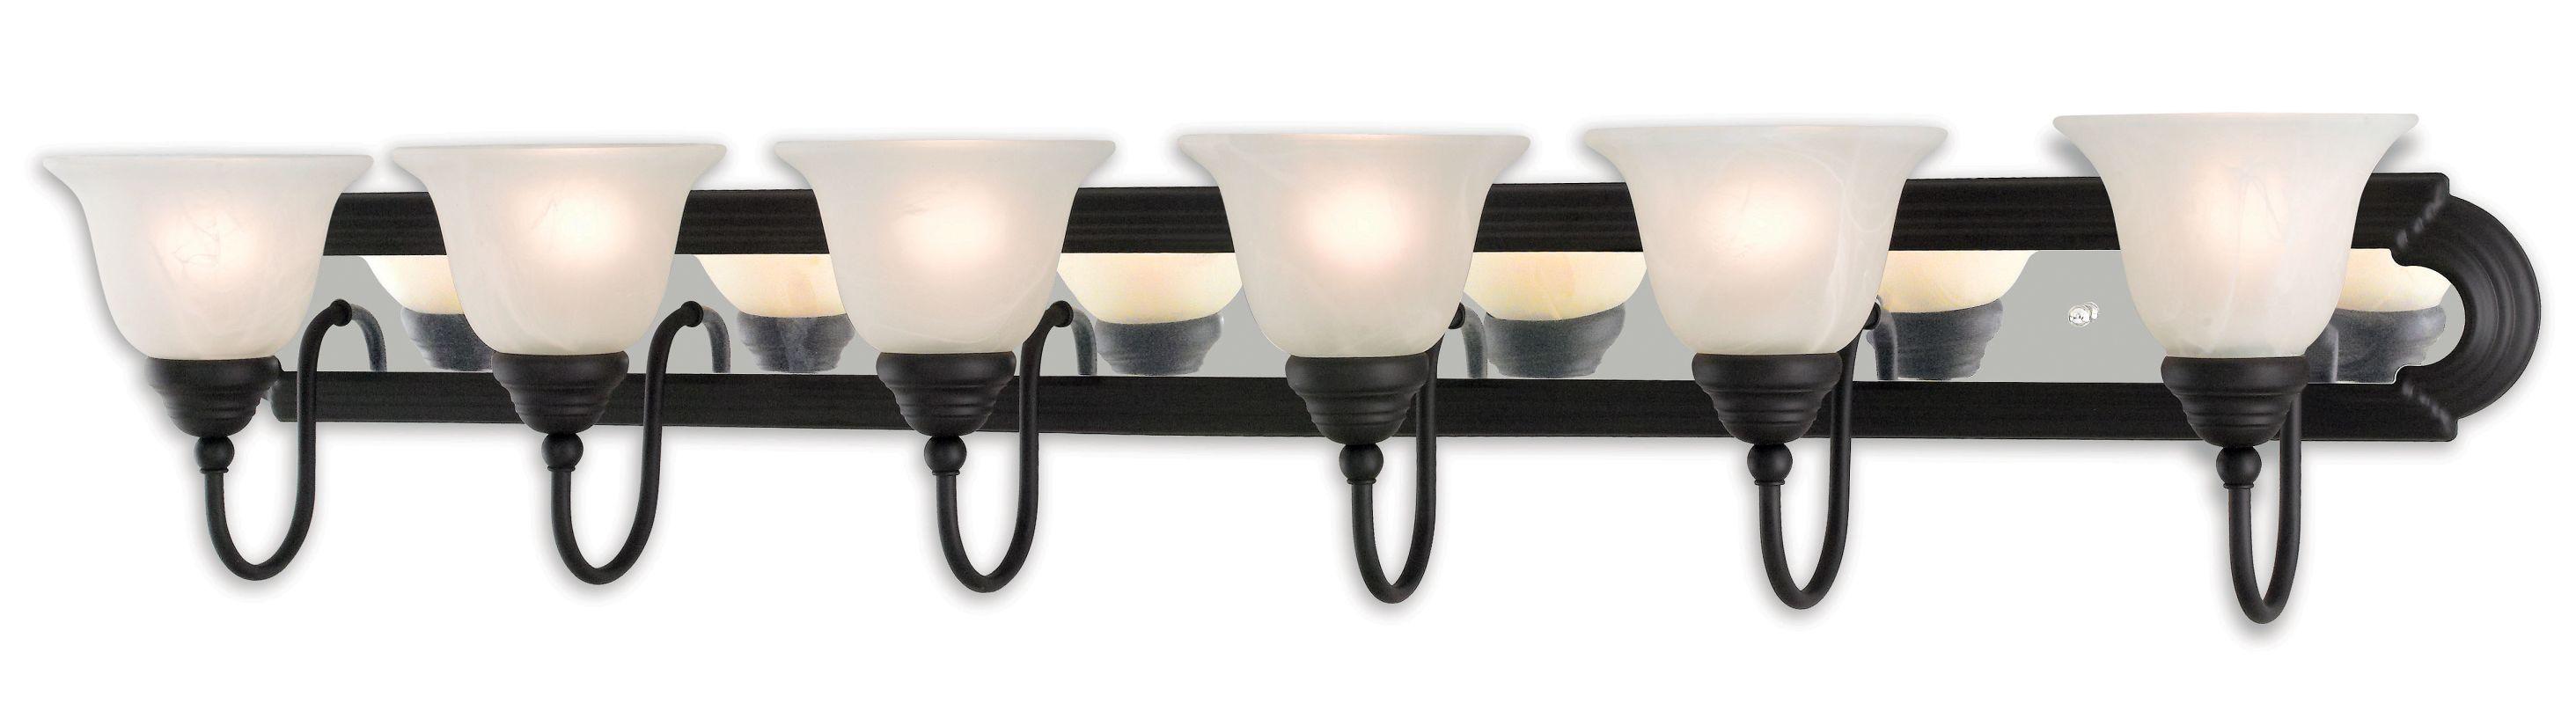 Livex Lighting 1006 Belmont 6 Light Vanity Light Bronze / Chrome